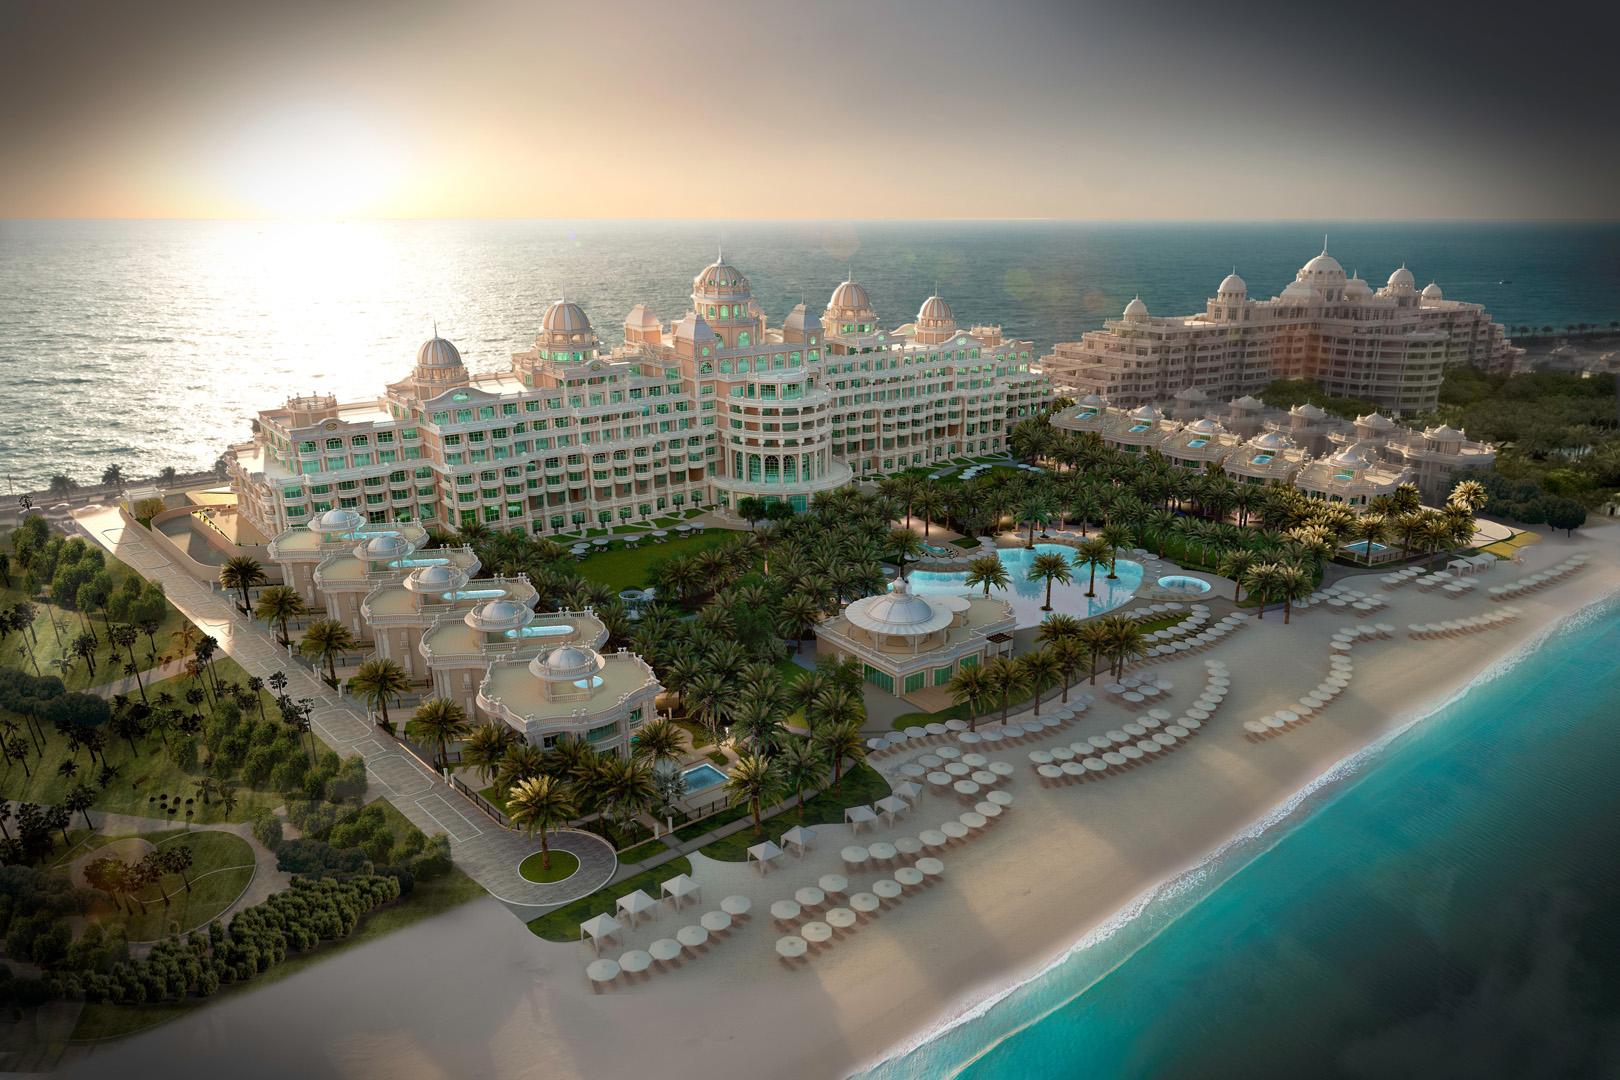 Raffles The Palm Dubai - Welcome to Raffles The Palm Dubai